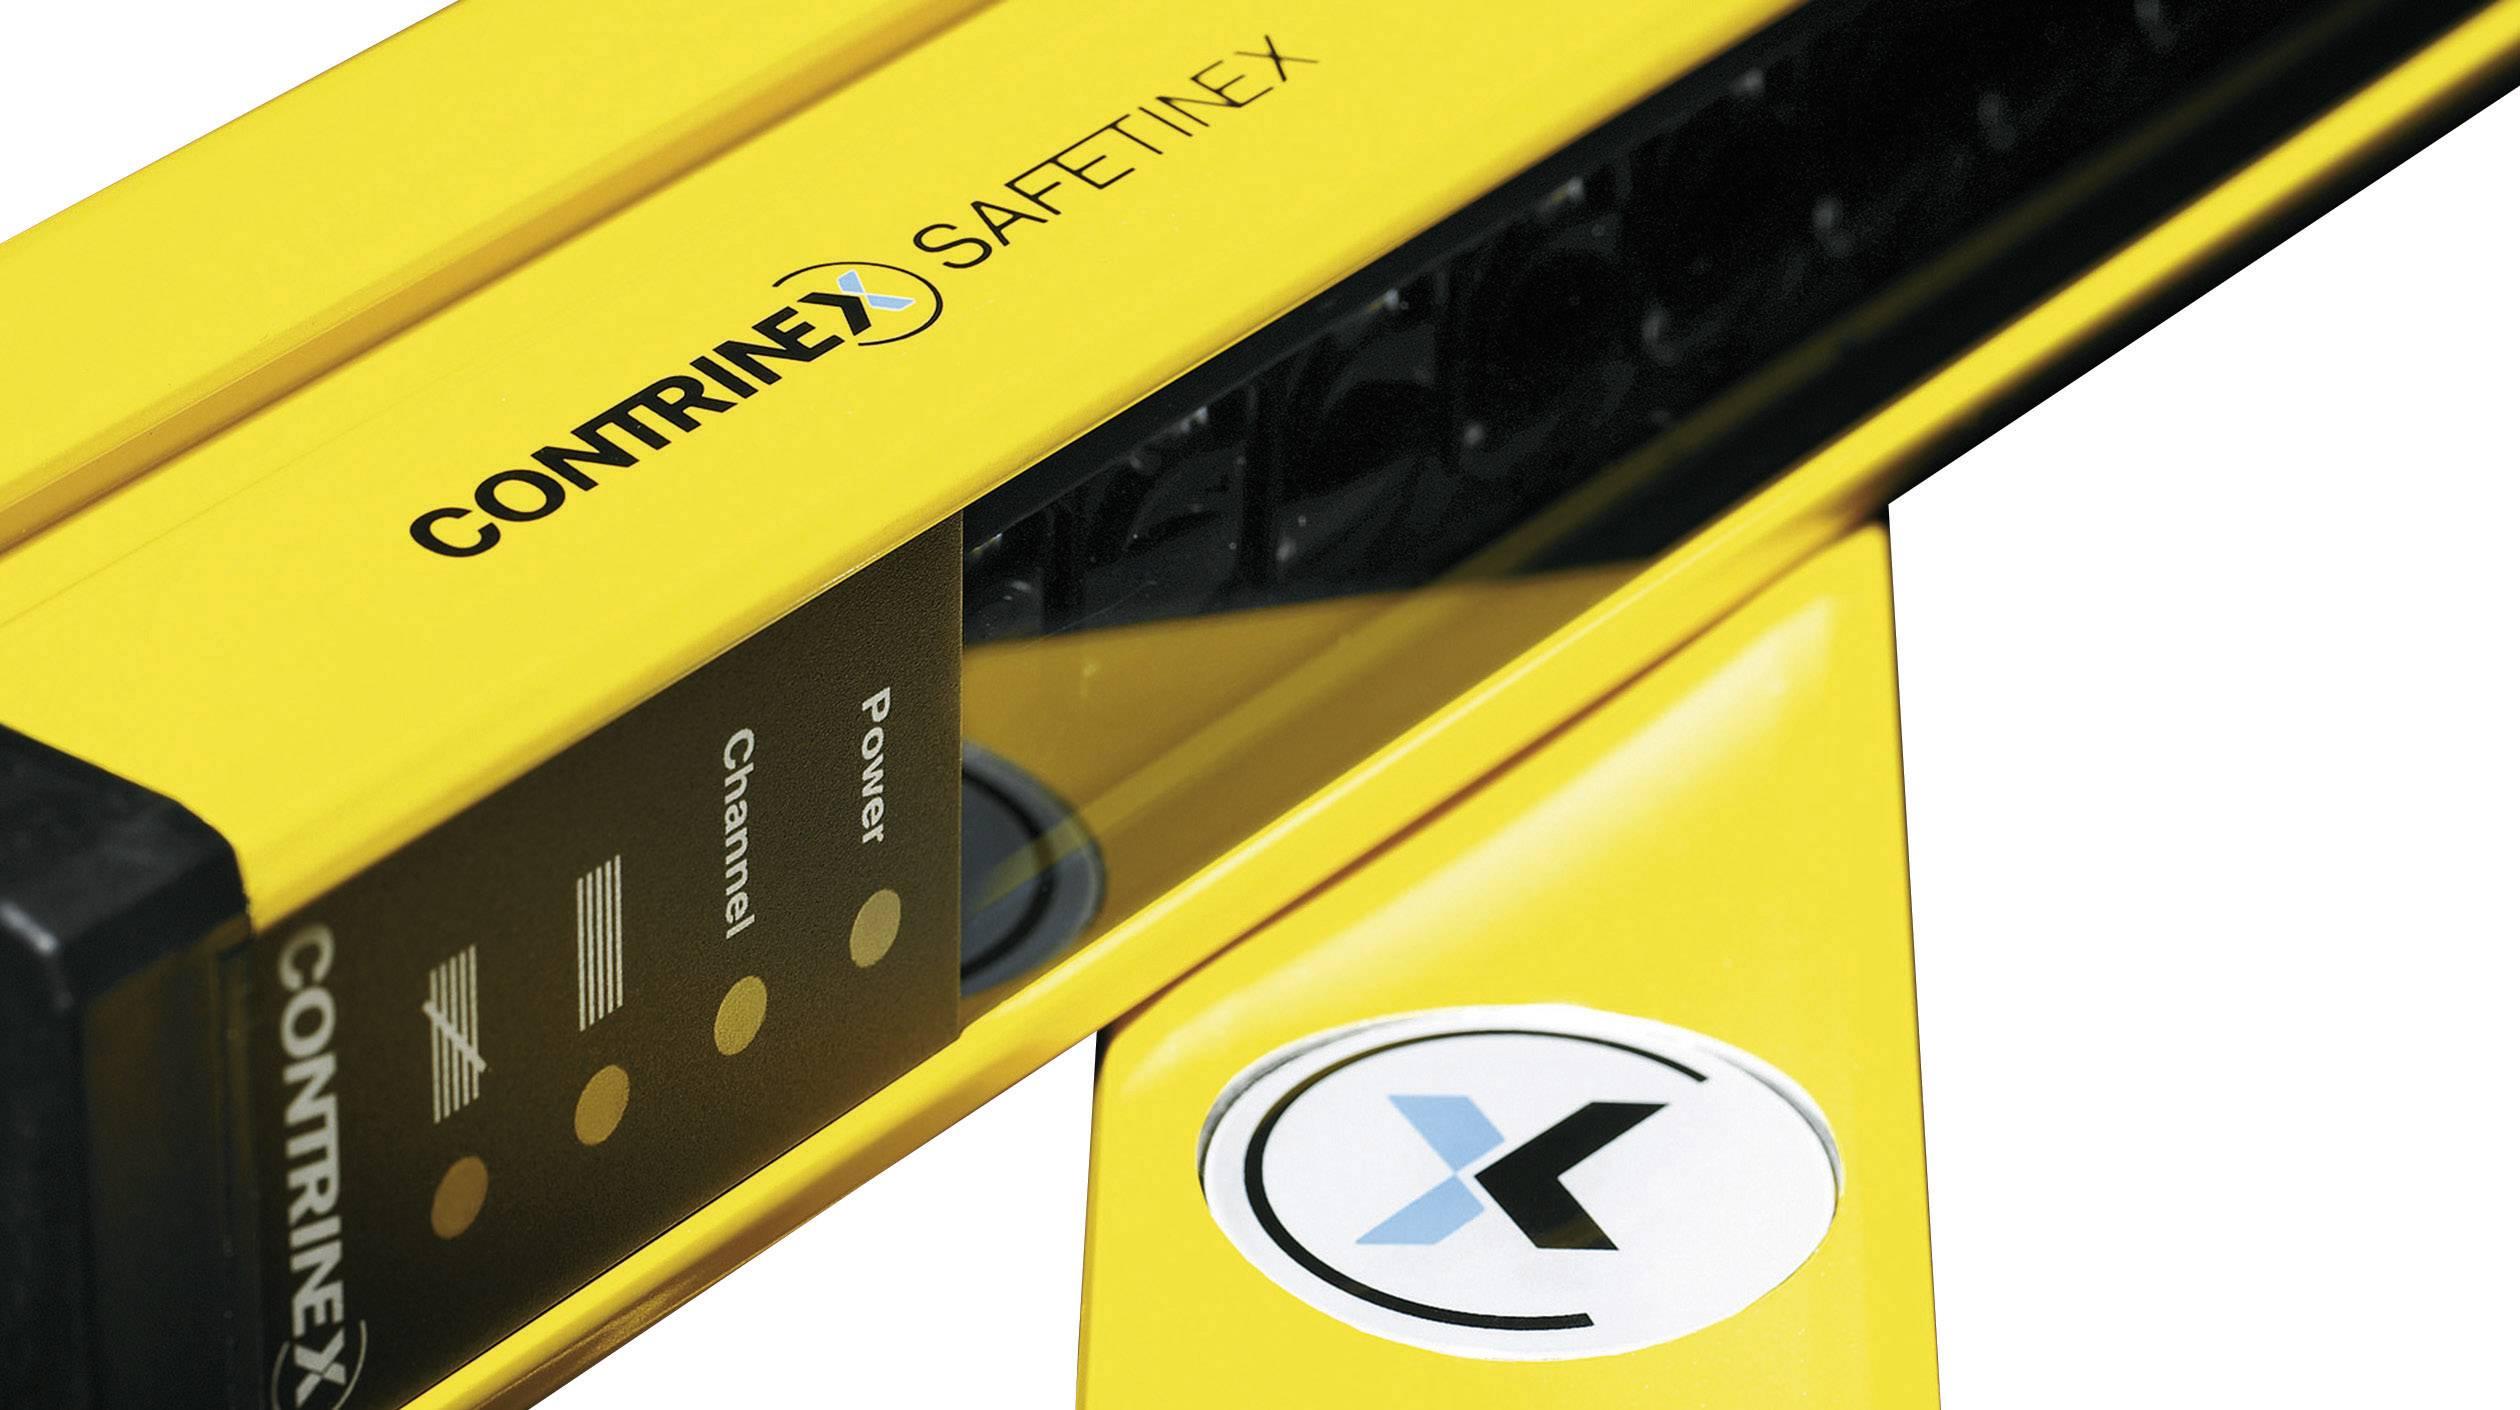 Bezpečnostní světelná závora pro ochranu rukou Contrinex YBB-30S4-0400-G012 630 000 587